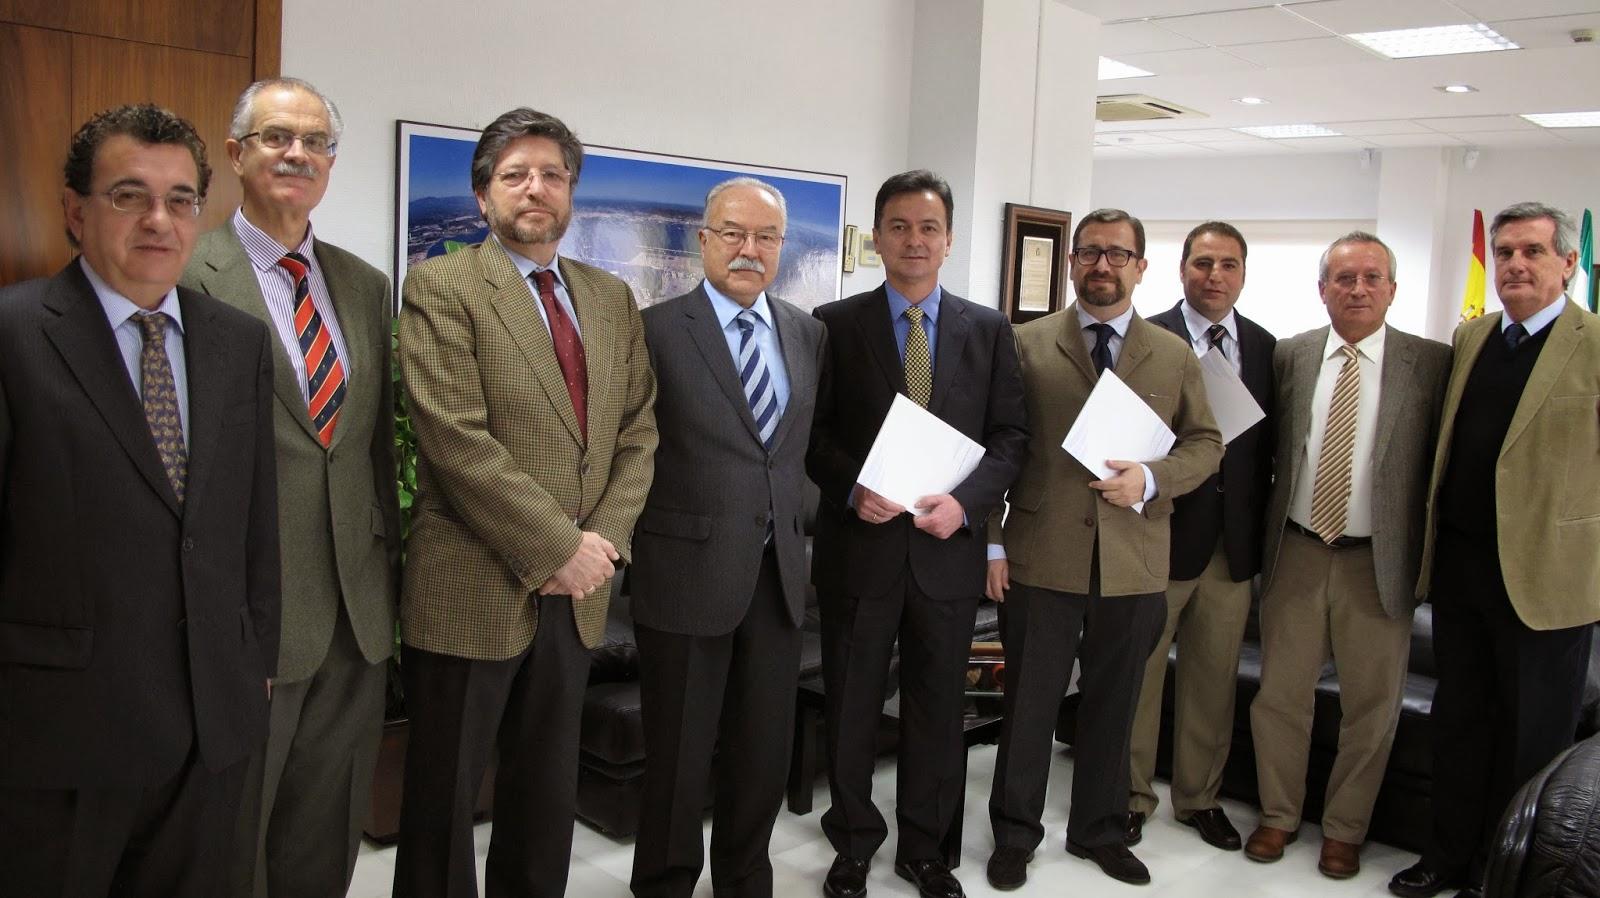 Entrega de las credenciales a los tres nuevos Prácticos del Puerto Bahía de Algeciras